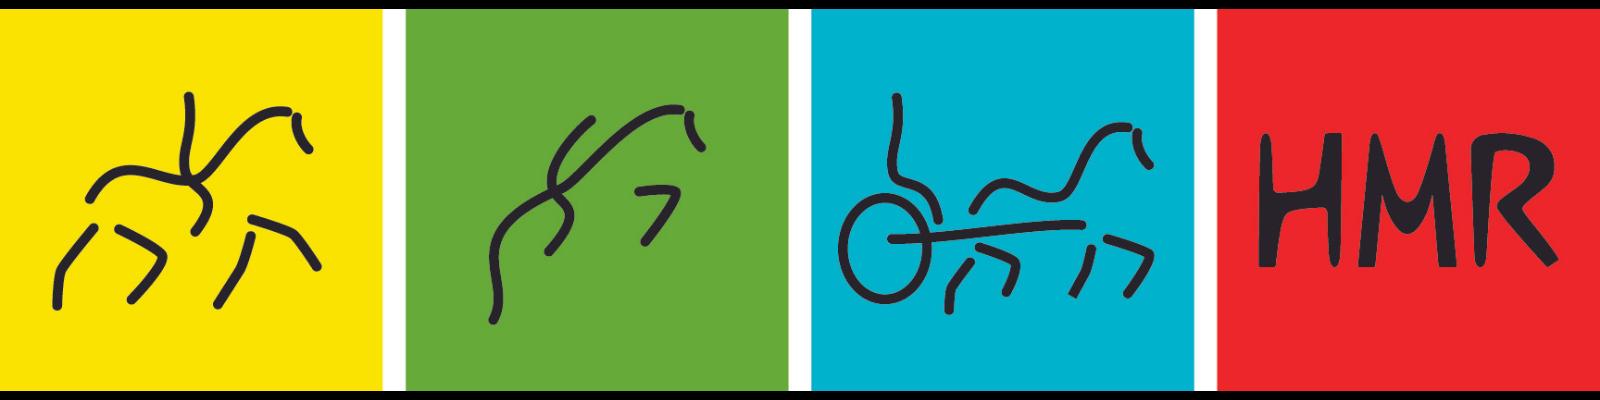 hmr logo liggend